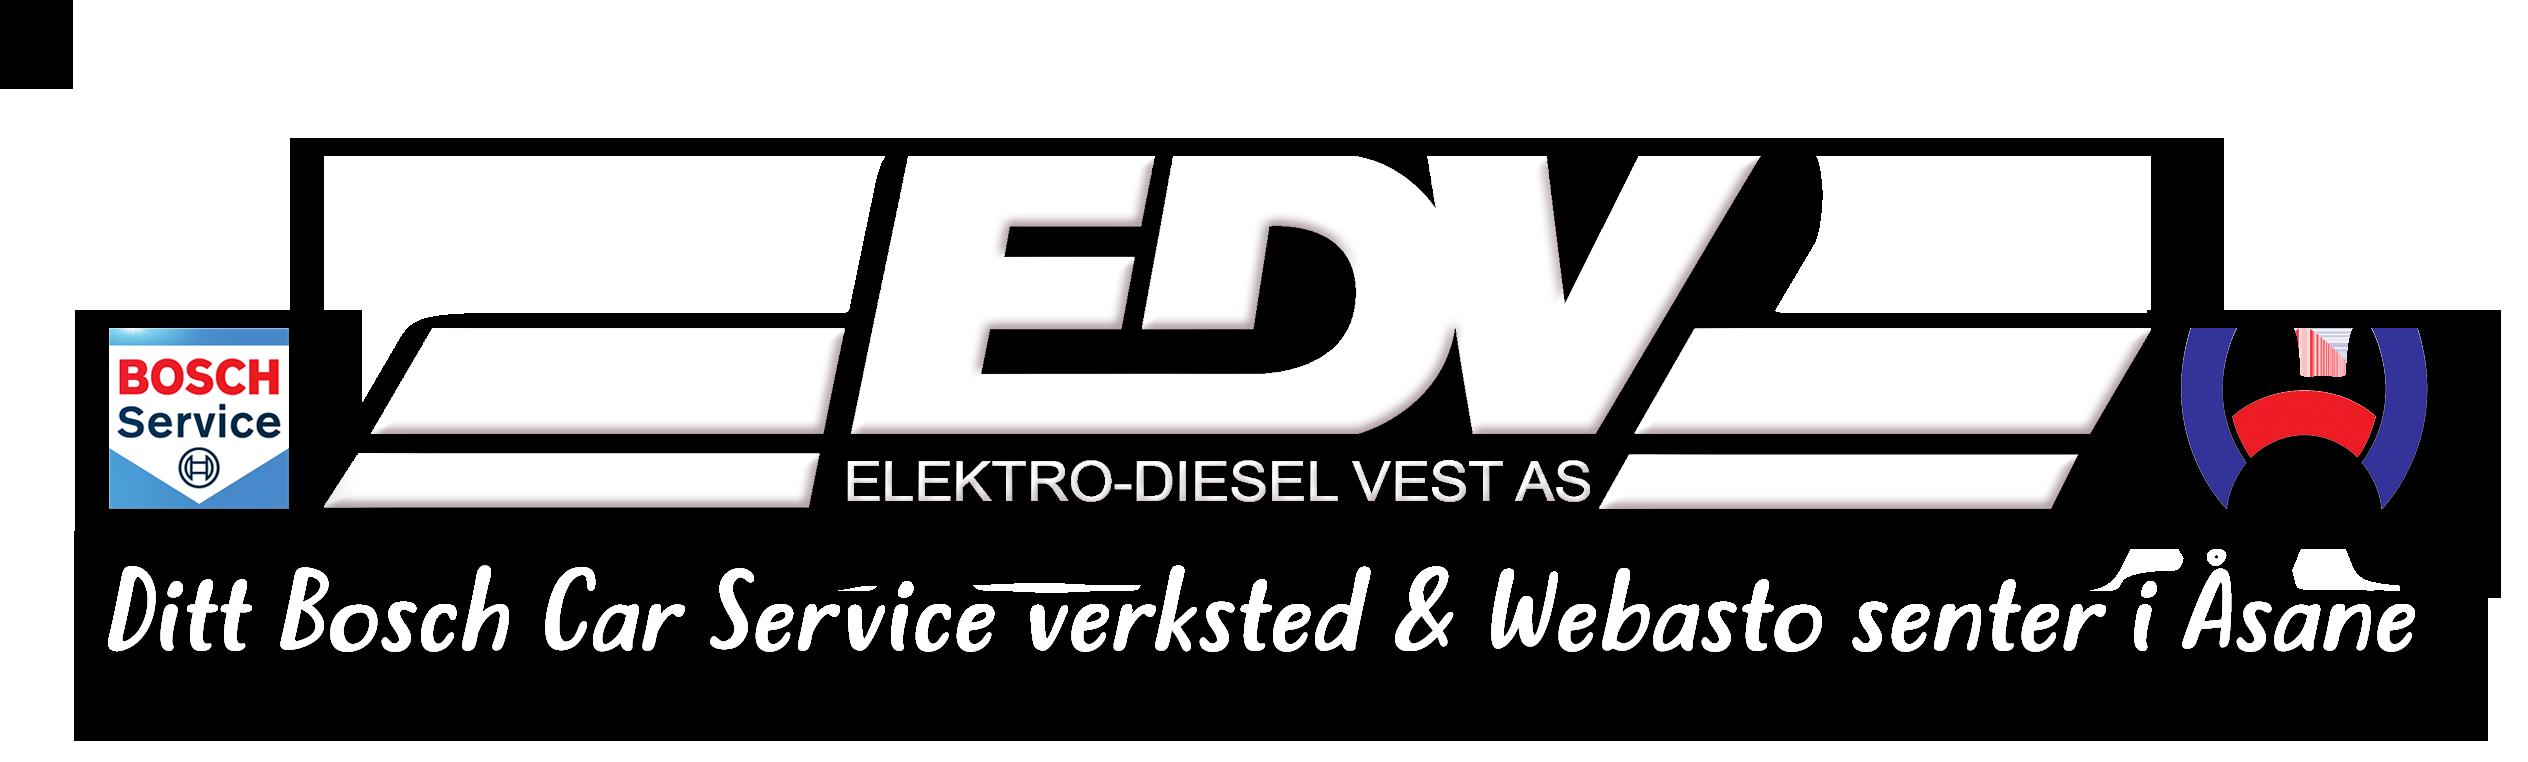 Elektro-Diesel Vest A/S